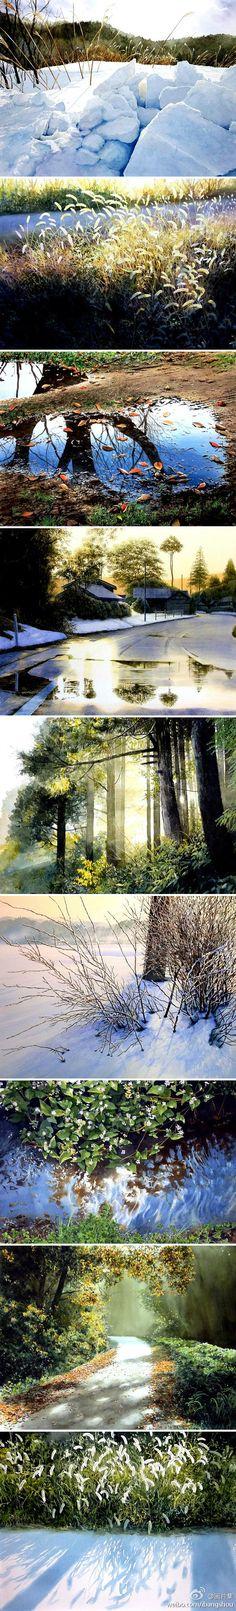 自然幽美的水彩风景。作者:日本画家安倍晋三俊。